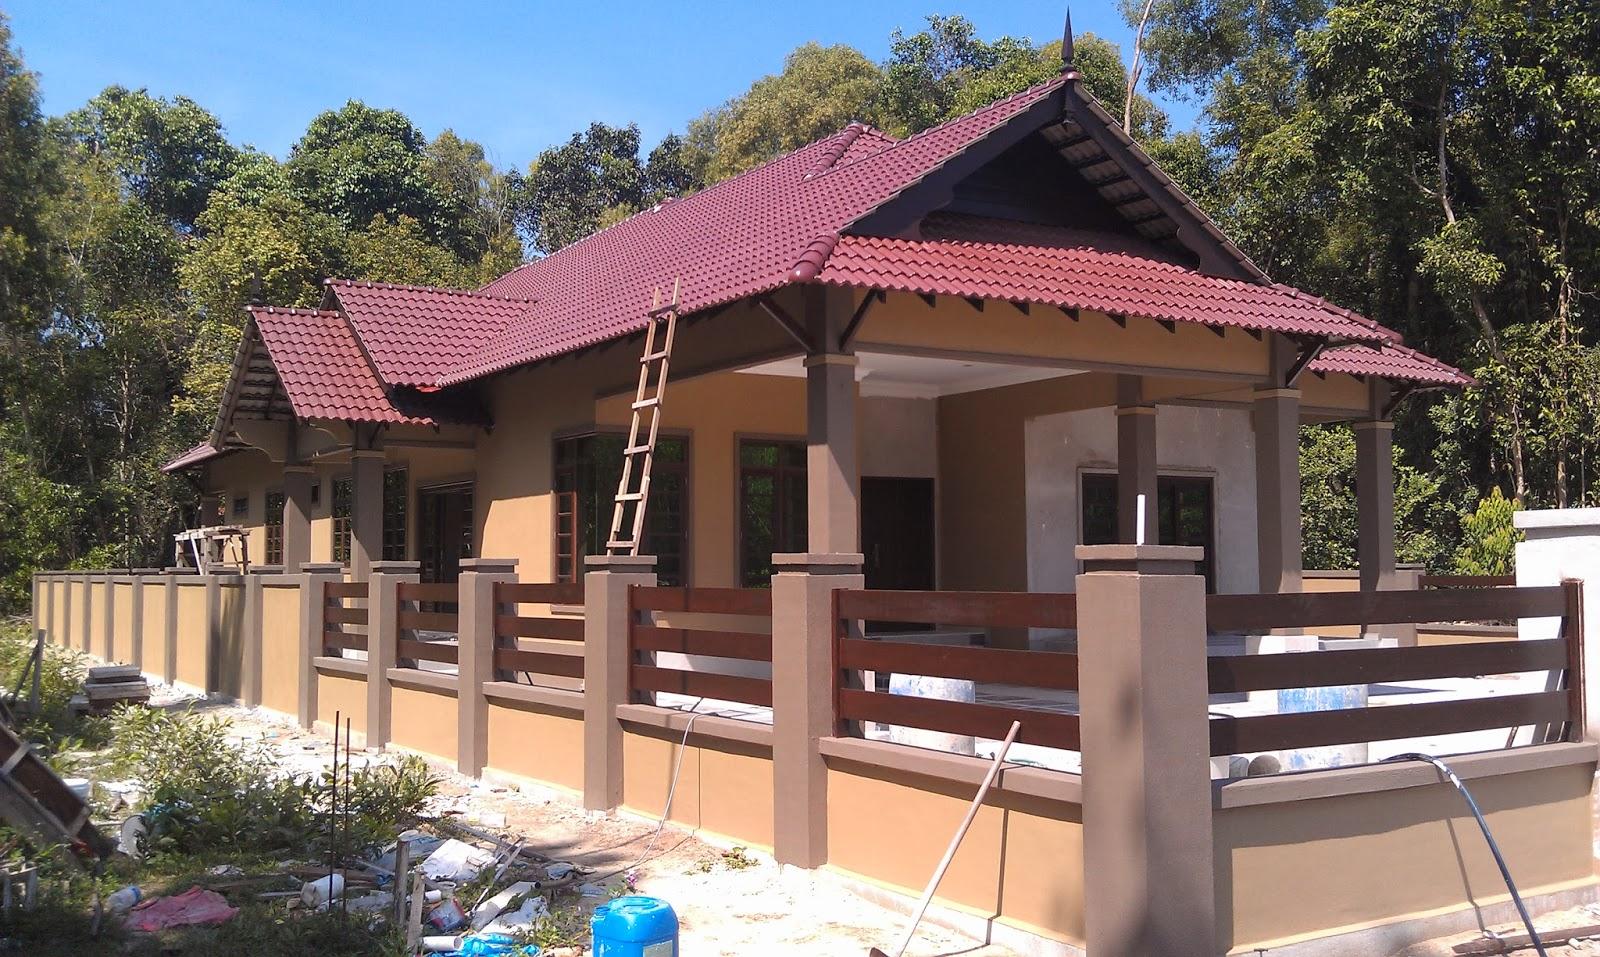 Pandangan Rumah Selepas Siap Kerja Mengecat